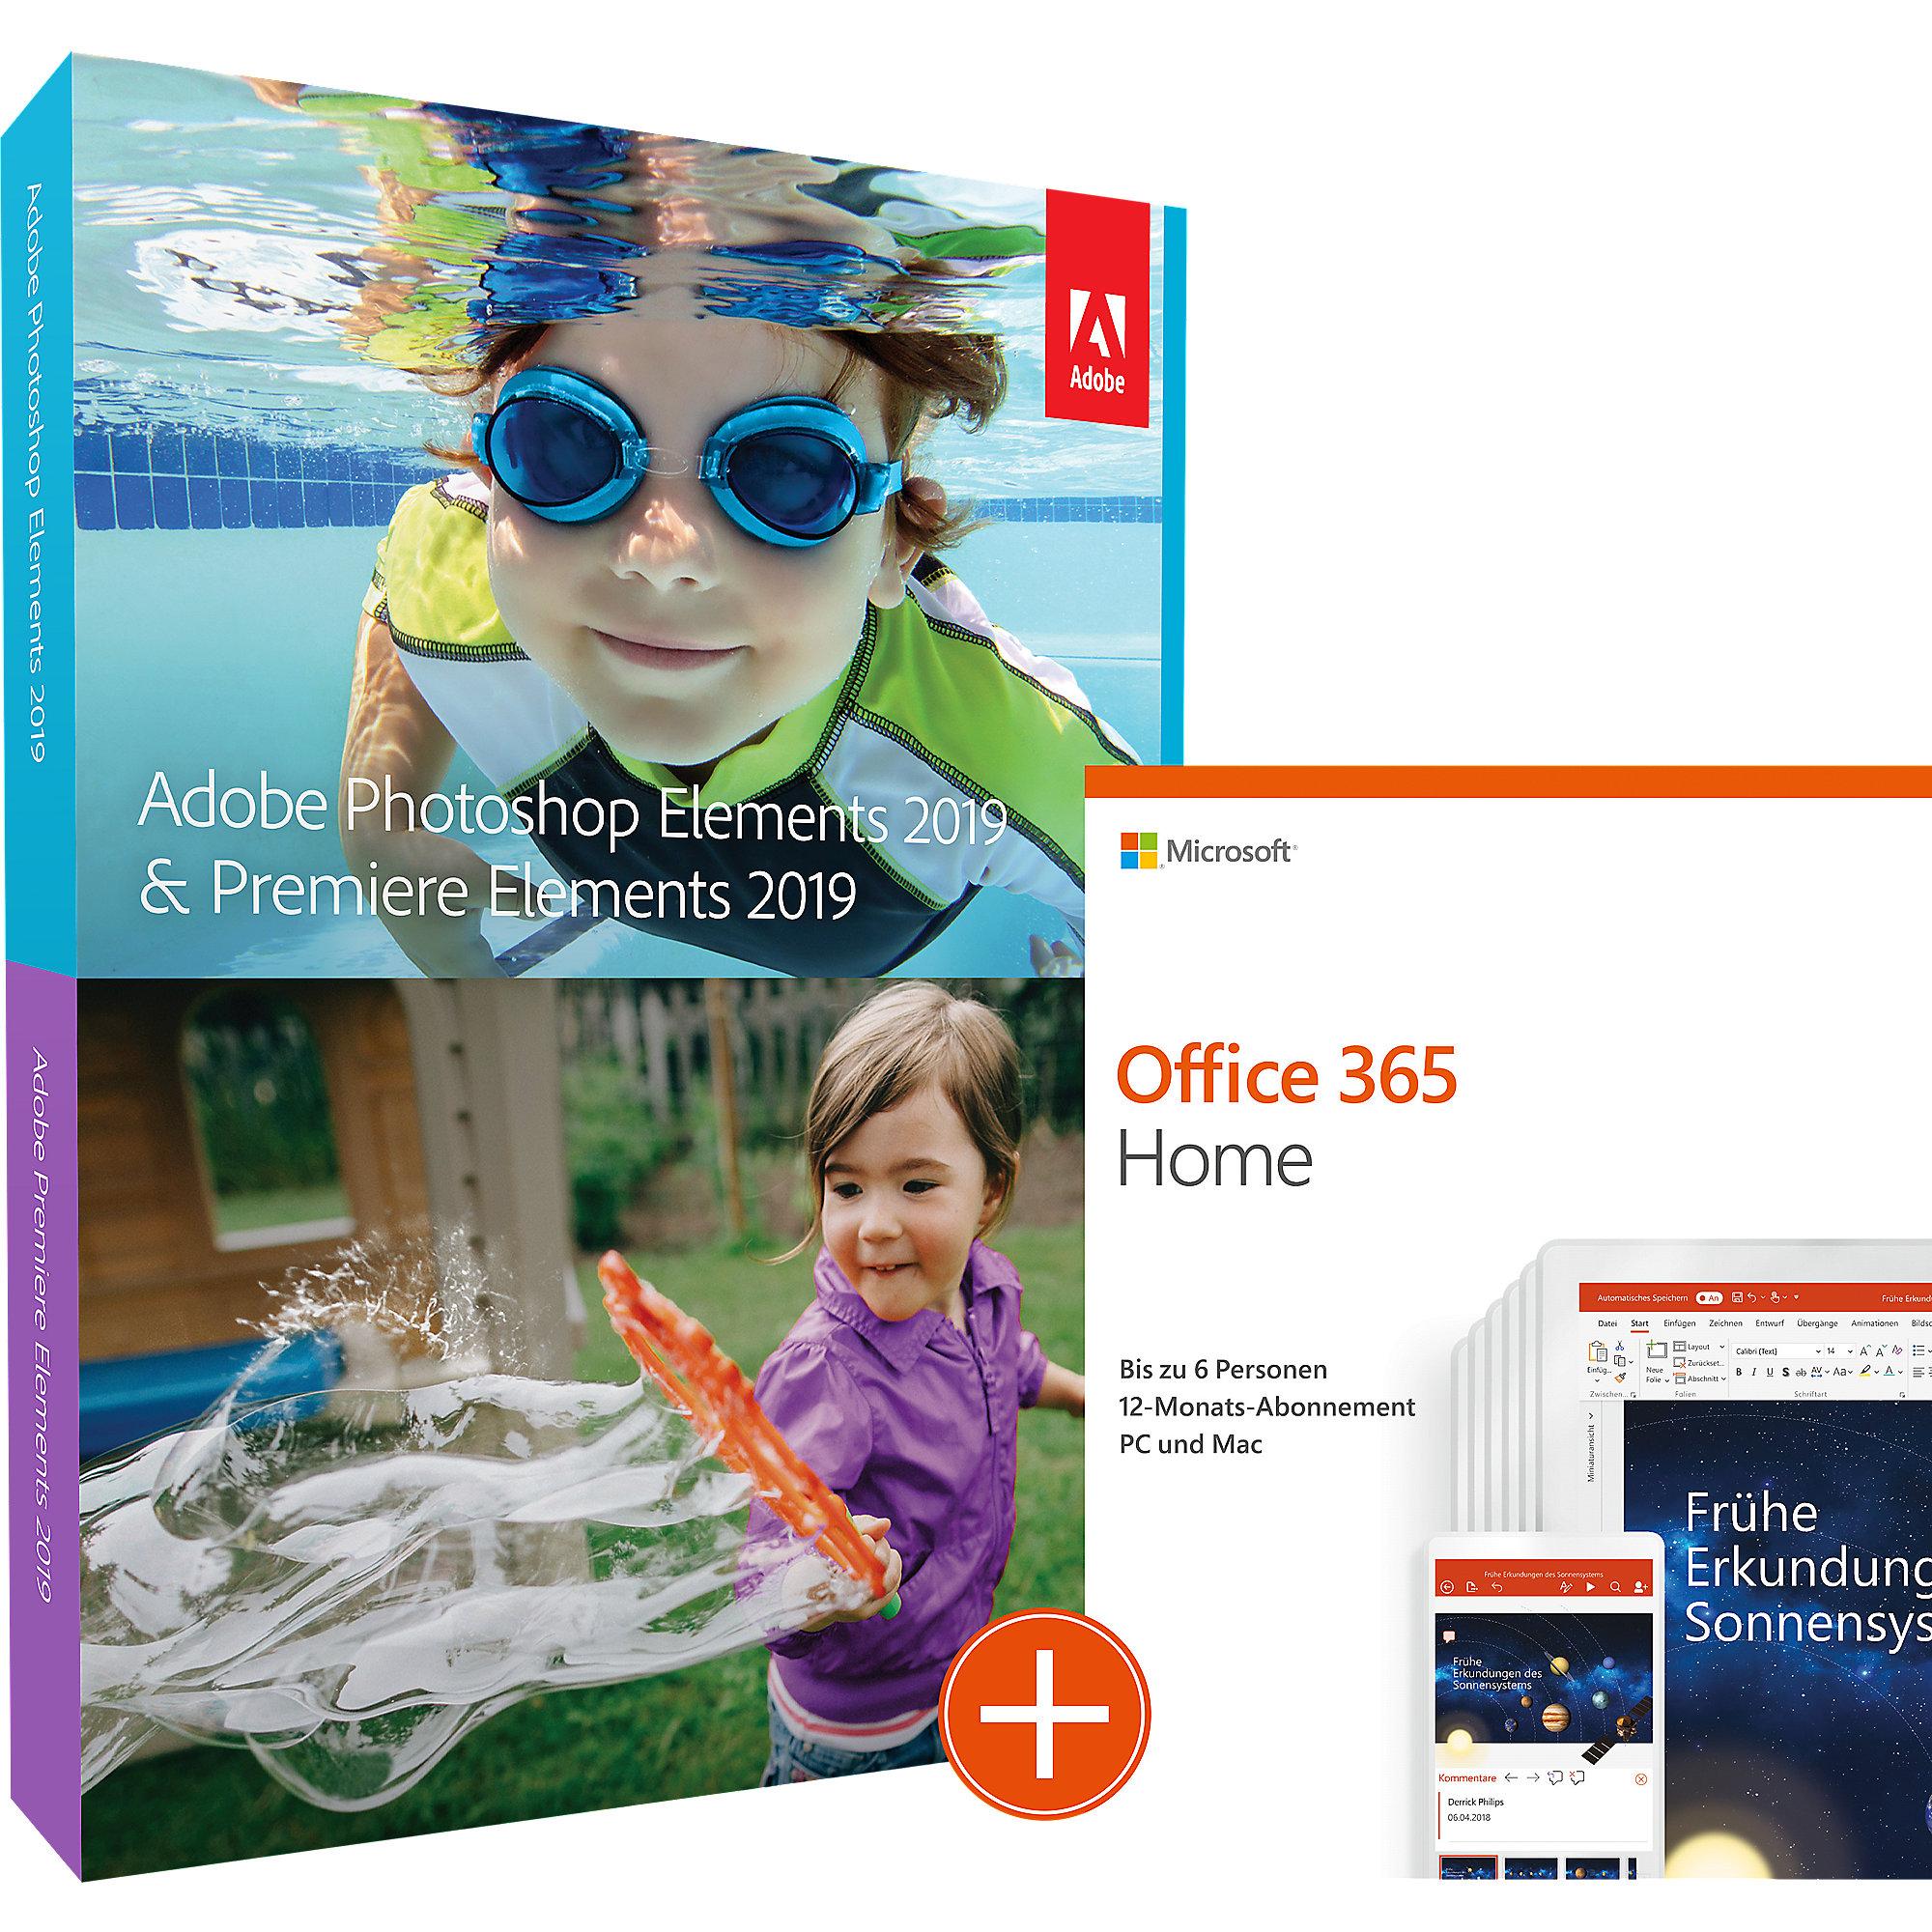 Microsoft Office 365 Home Adobe Photoshop Und Premiere Elements 2019